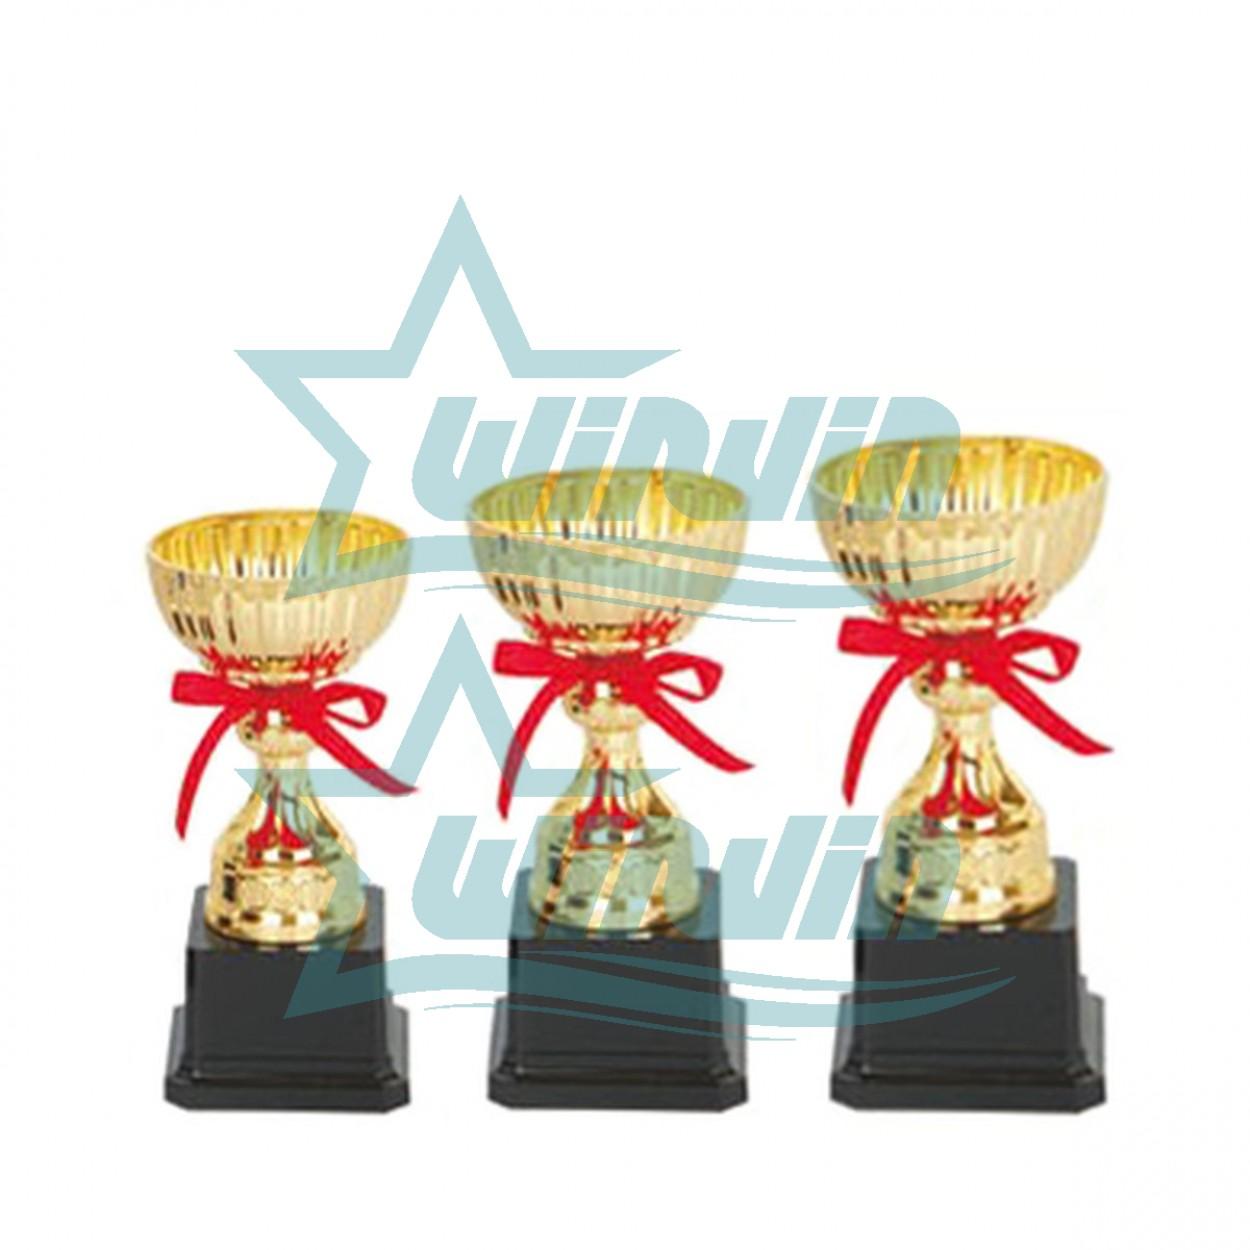 獎盃 : 塑膠獎杯 pc04